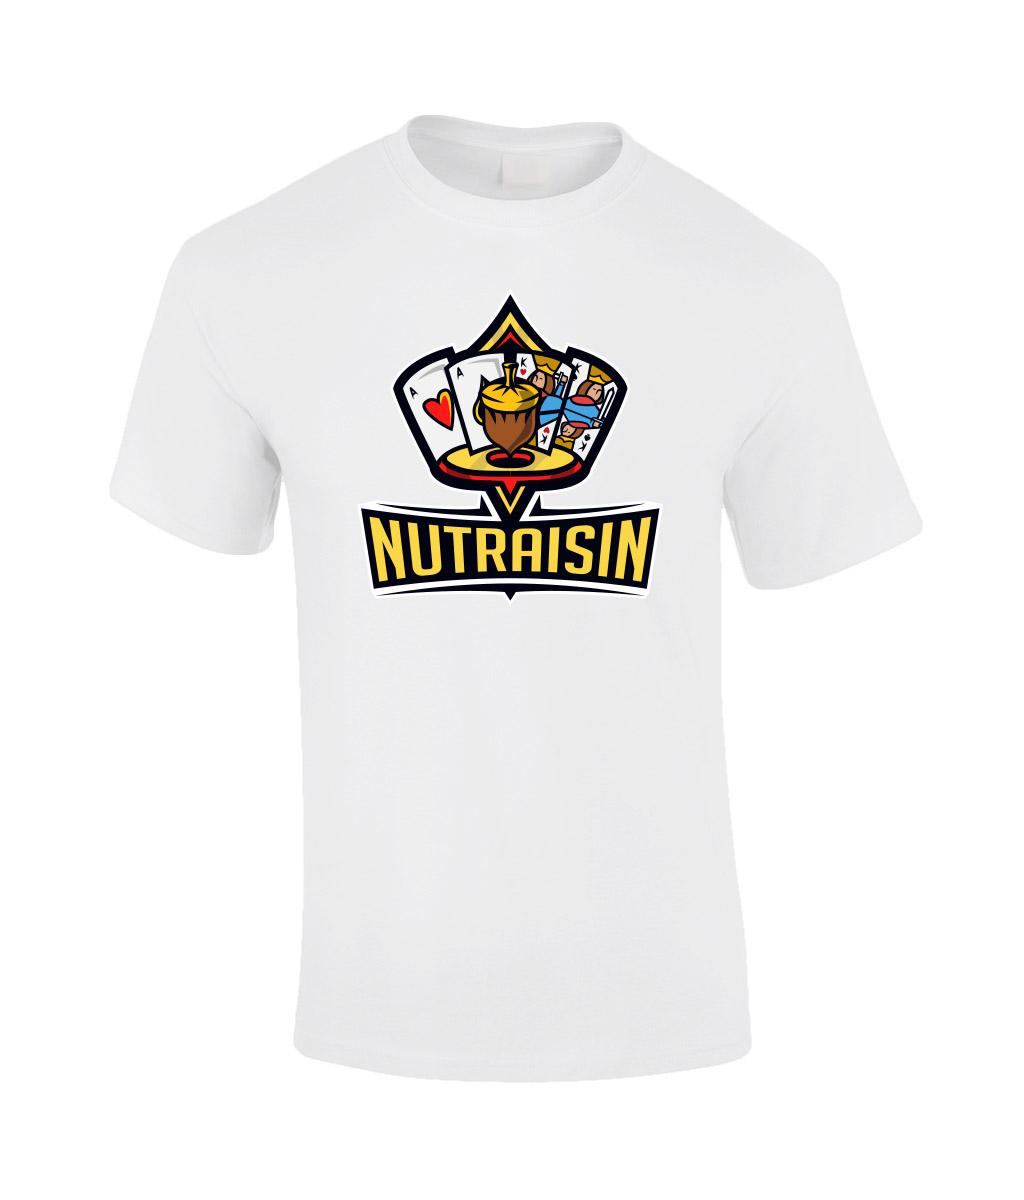 NutRaisin-Unisex-T-White